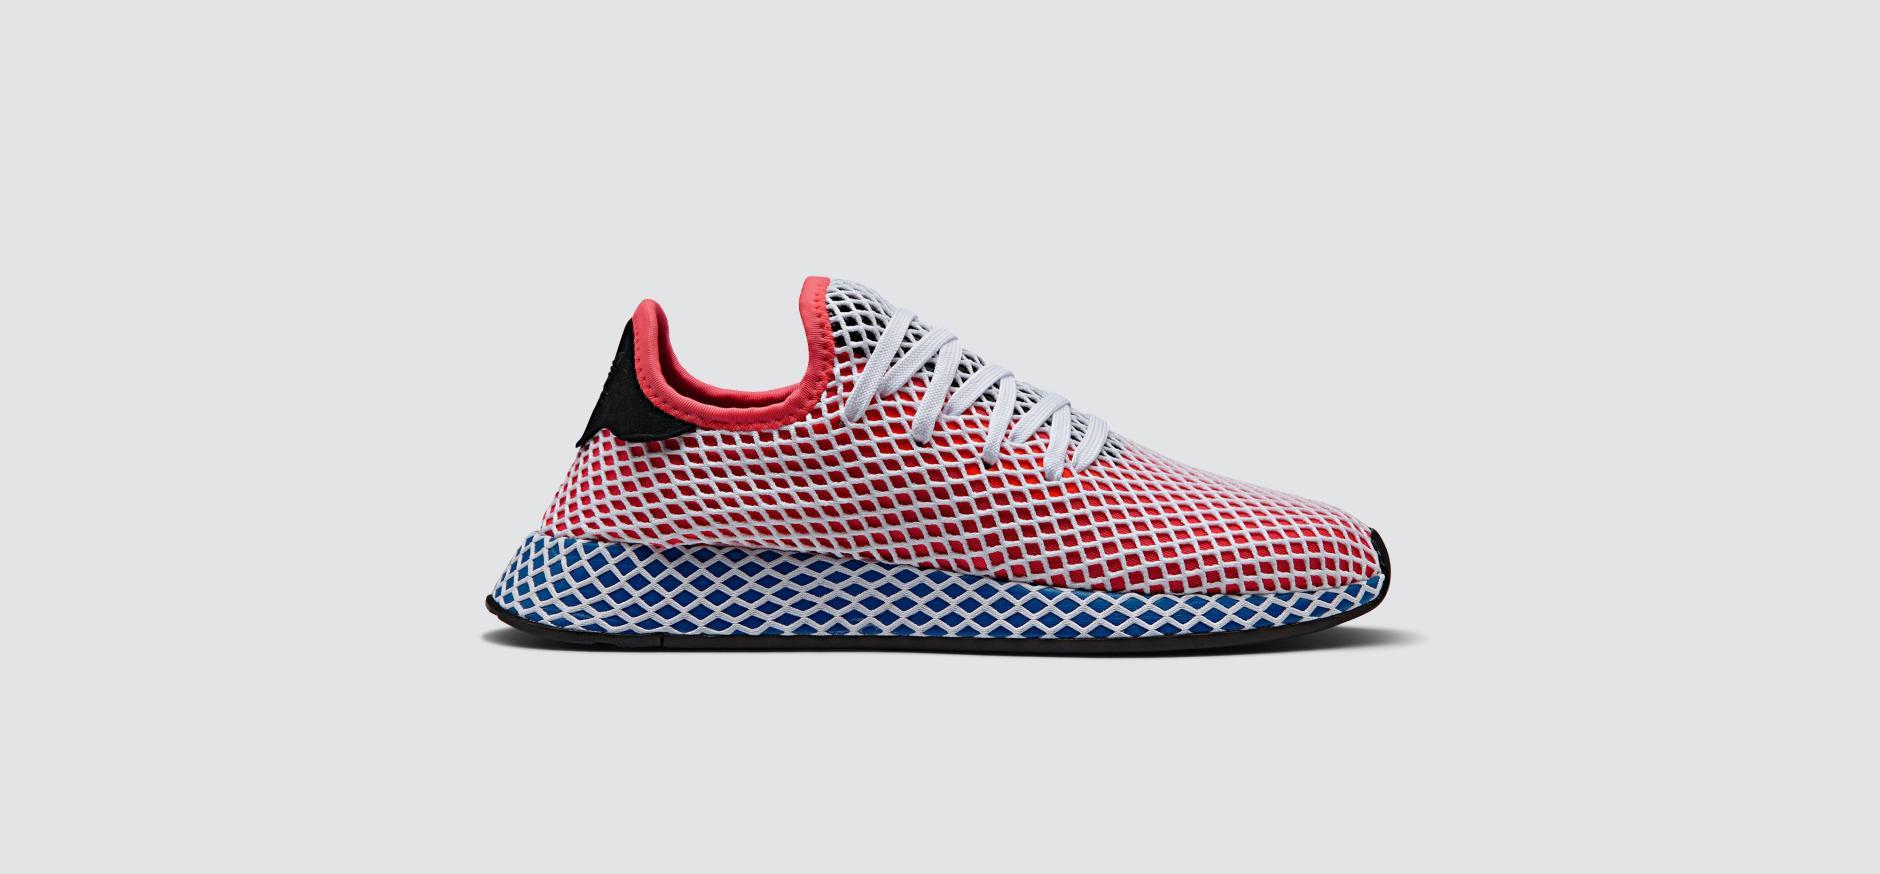 Deerupt nowe buty adidas zaprojektowane z myślą o Instagramie